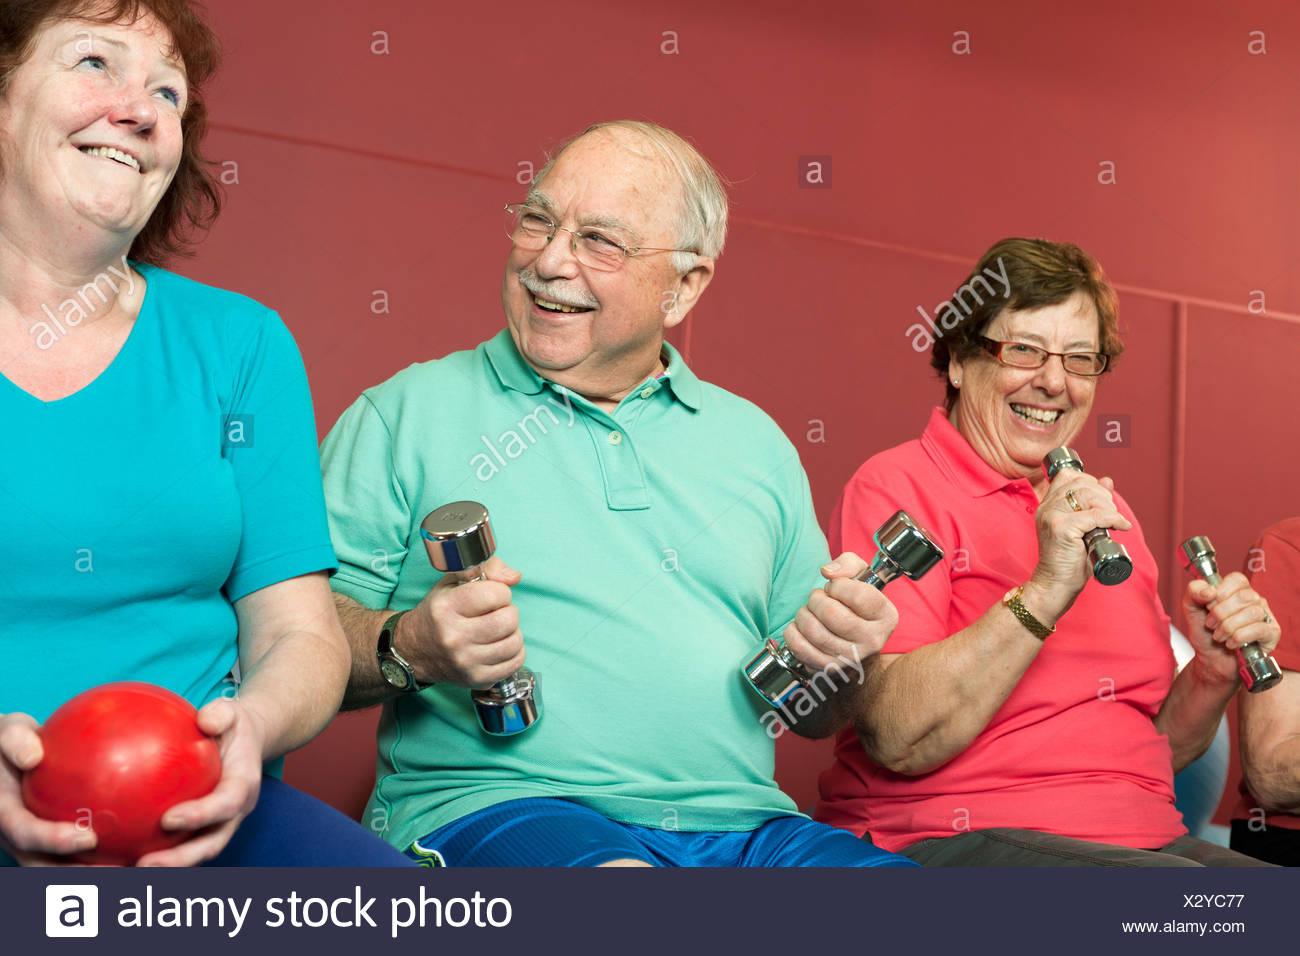 Las personas de edad, el levantamiento de pesas en el gimnasio Foto de stock